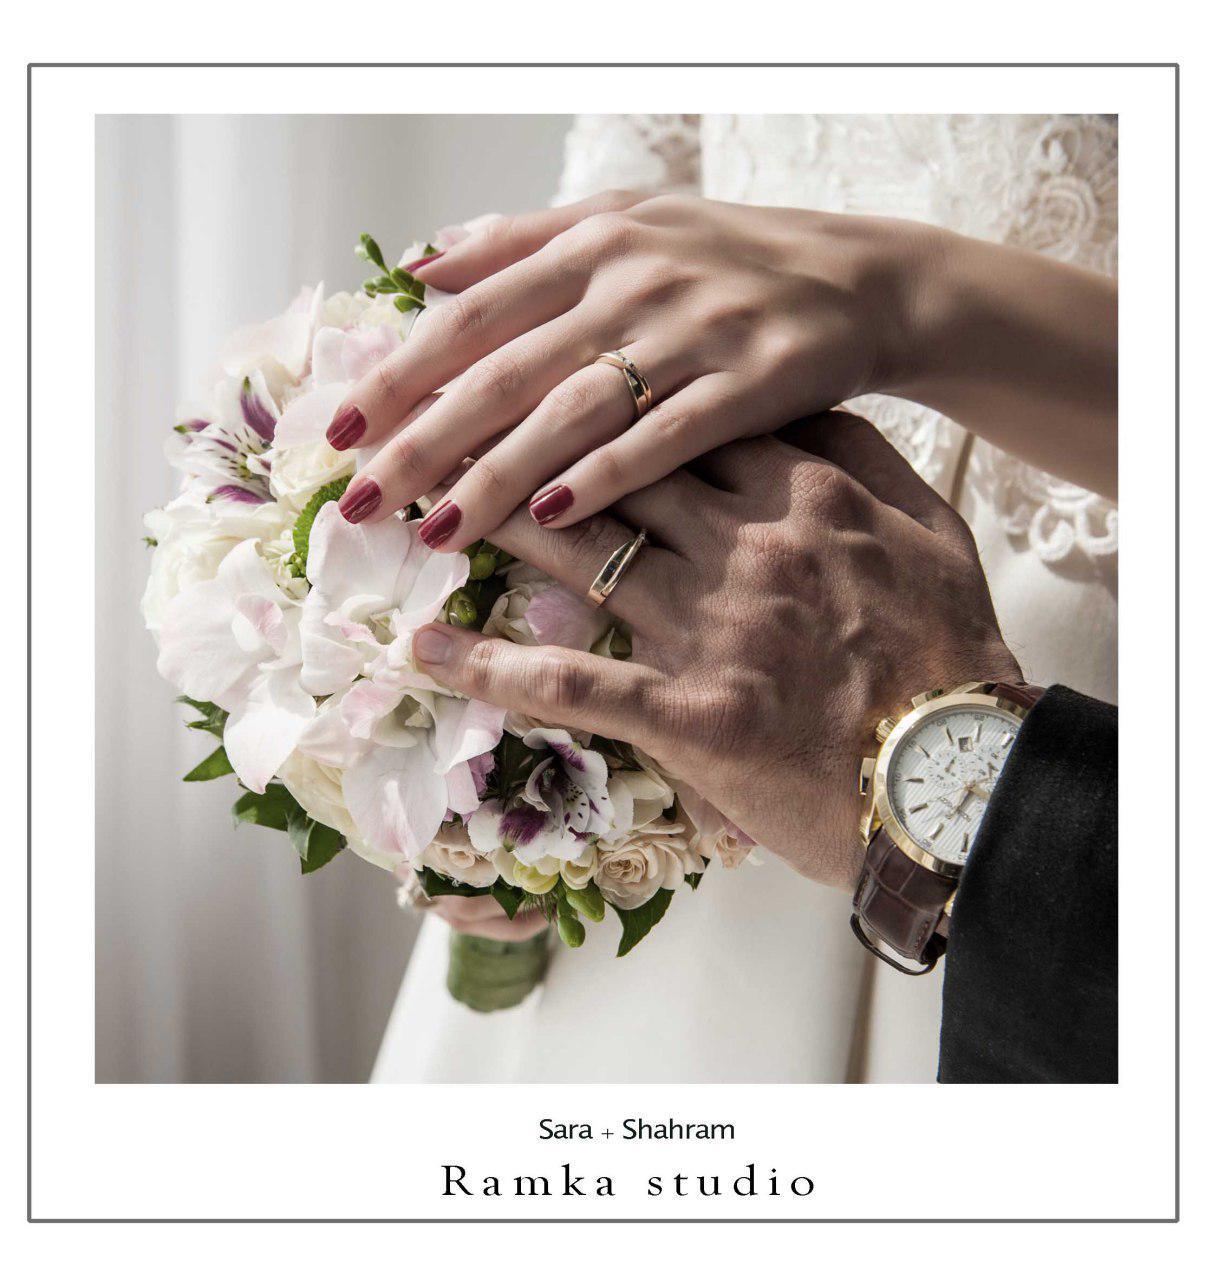 آتلیه عکس و فیلم رامکا | دسته گل عروس